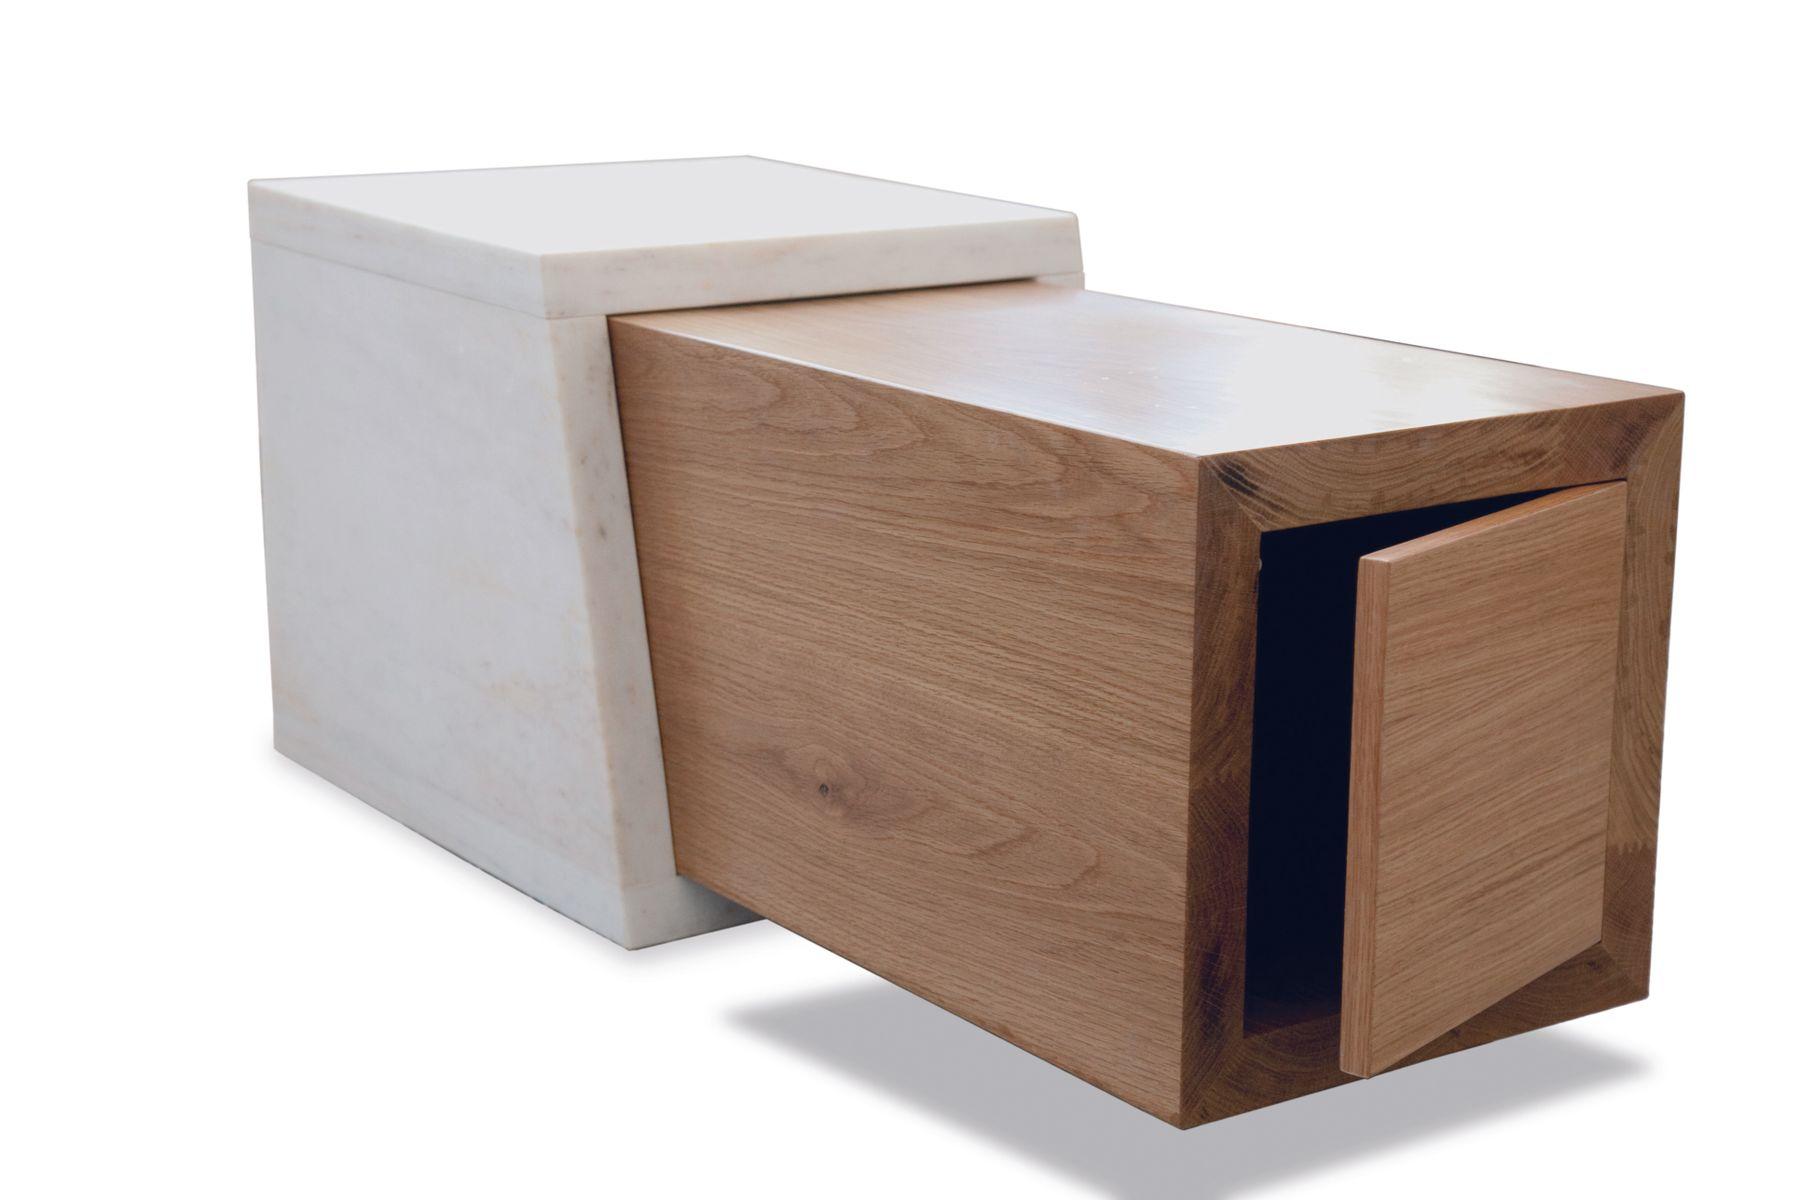 Couchtisch aus Holz mit Weißem Marmor von Maria Vidali